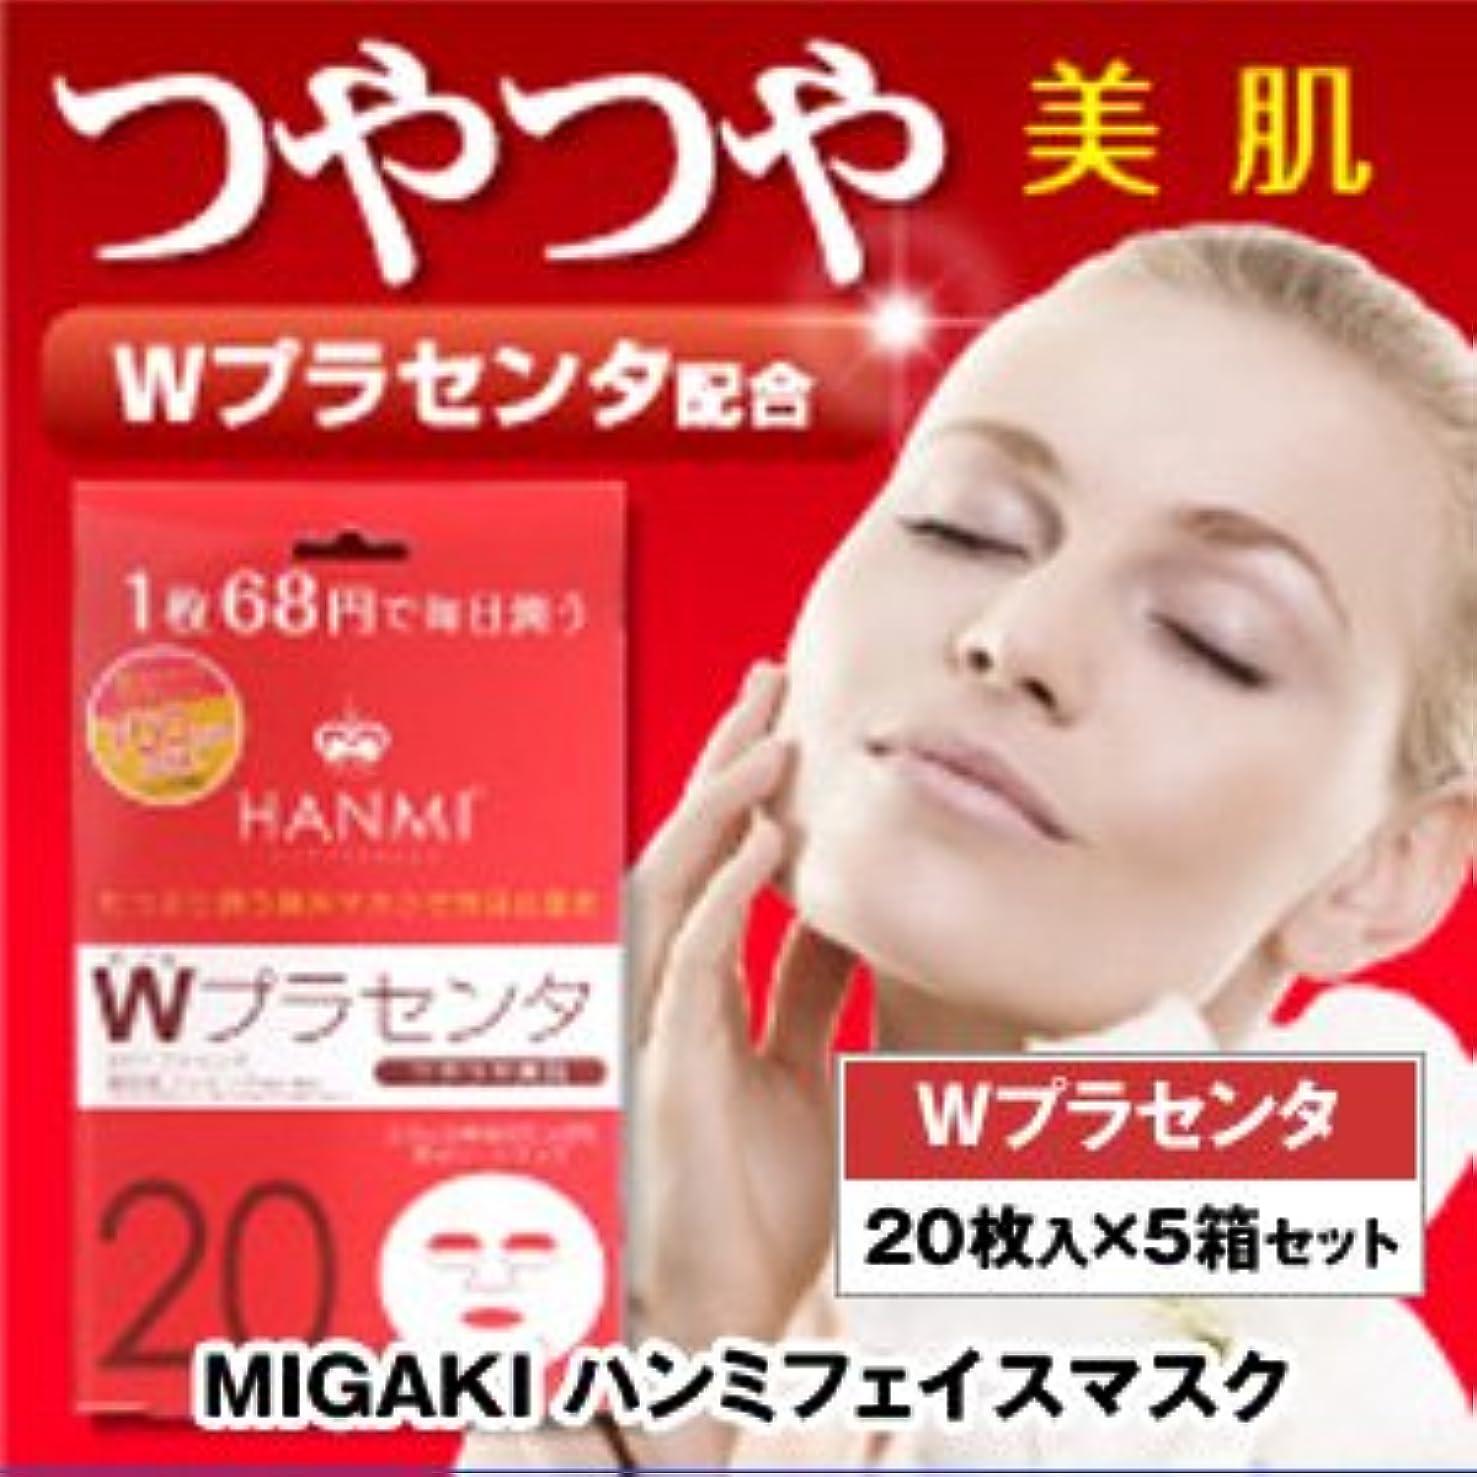 バイソンお茶衛星MIGAKI ハンミフェイスマスク Wプラセンタ 5箱セット